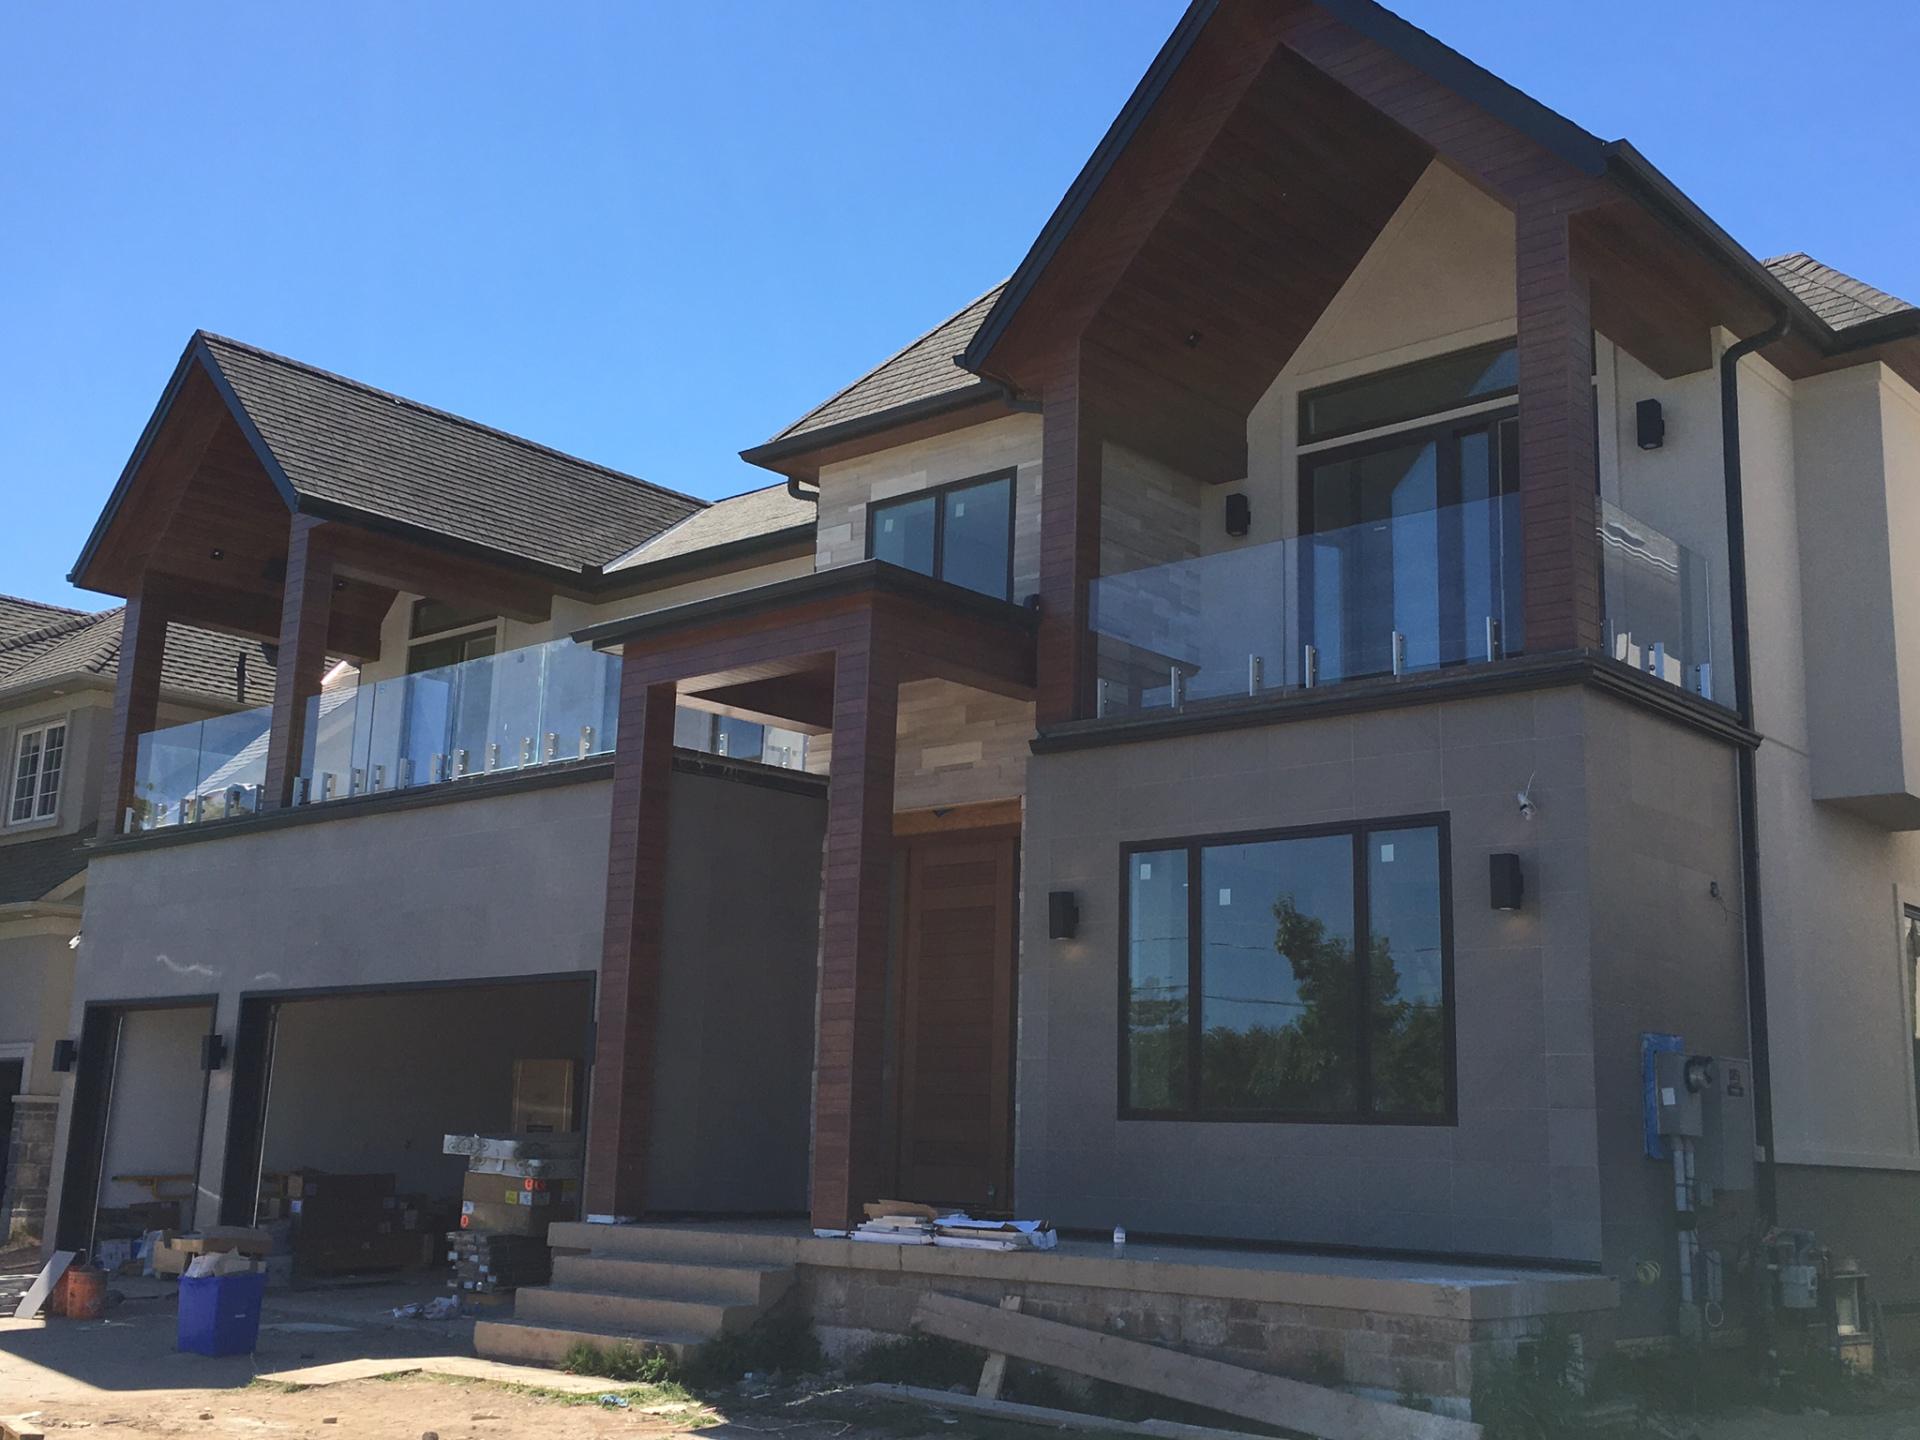 exterior glass railings